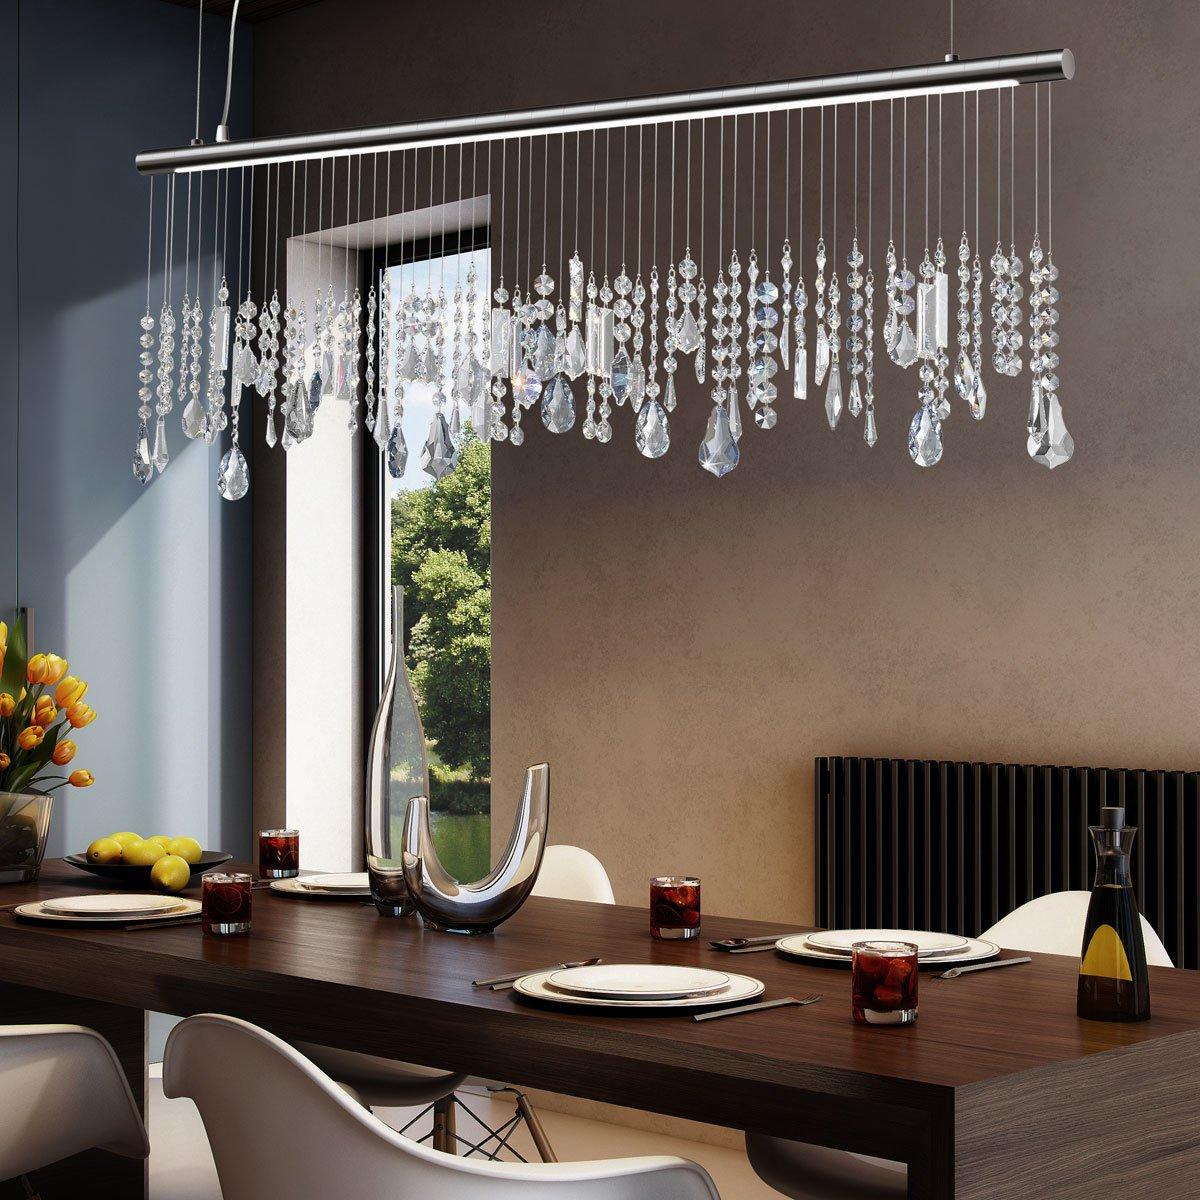 Haz STRETTA de Kolarz, 1 - Lámpara de techo, plata, 6005.30259.140: Amazon.es: Iluminación